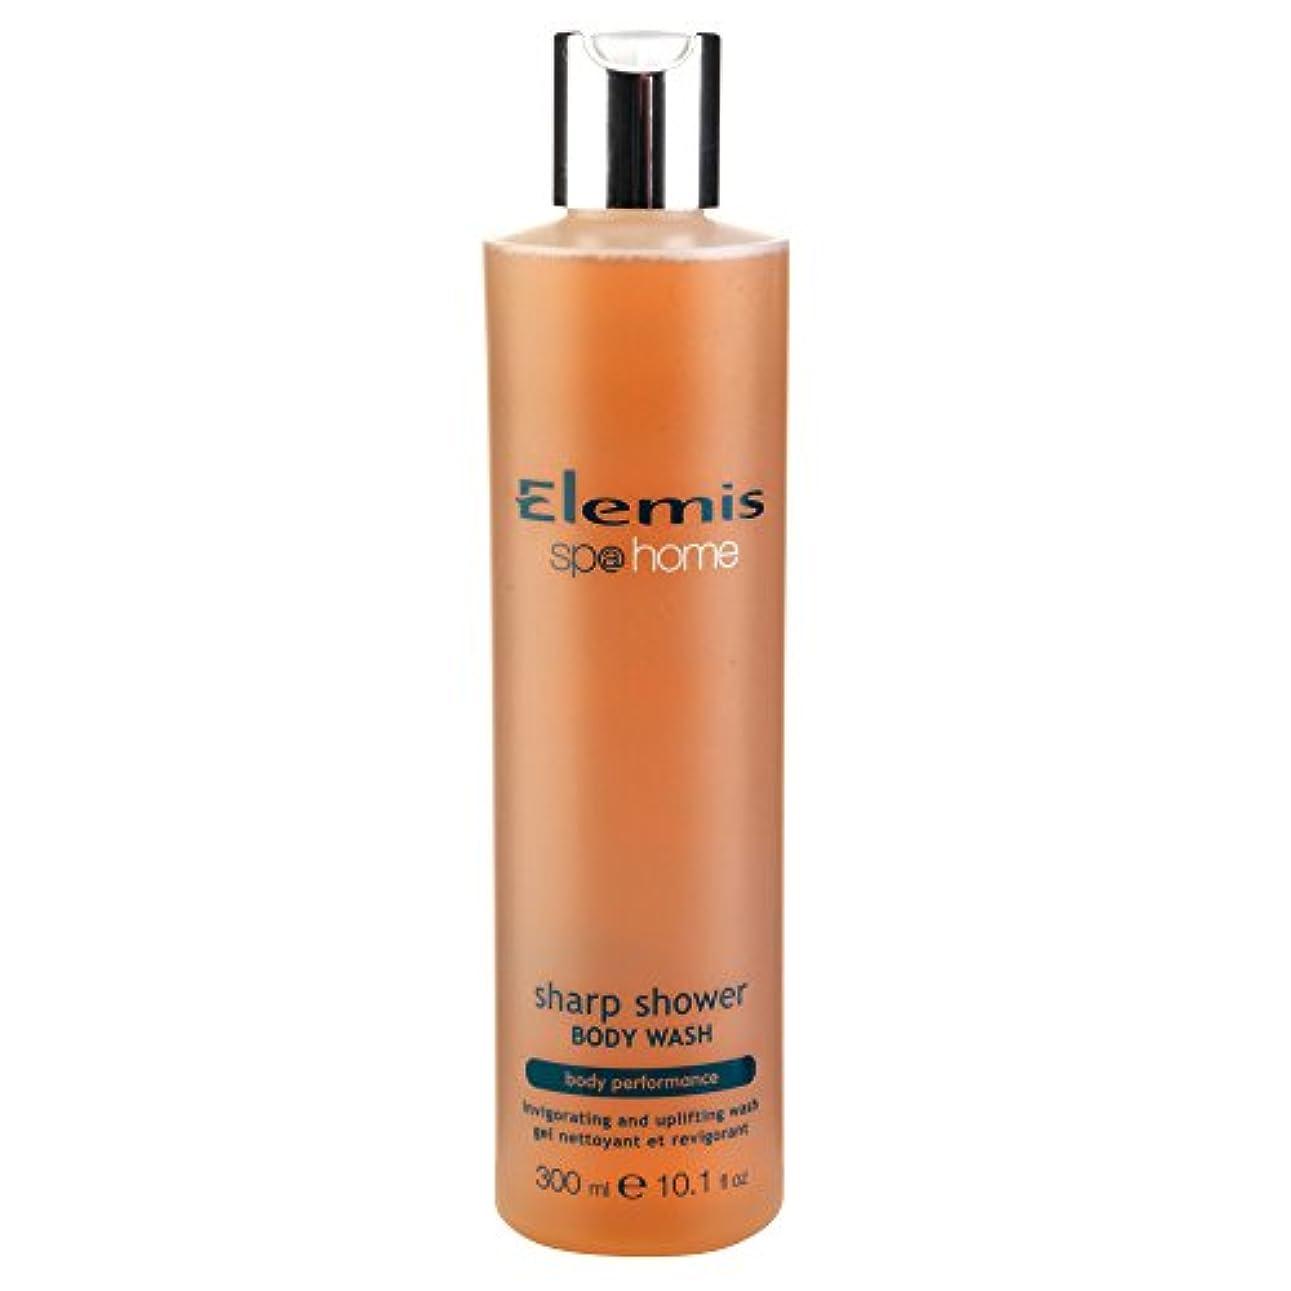 発表する険しいスキッパーエレミスシャープシャワーボディウォッシュ300ミリリットル (Elemis) - Elemis Sharp Shower Body Wash 300ml [並行輸入品]